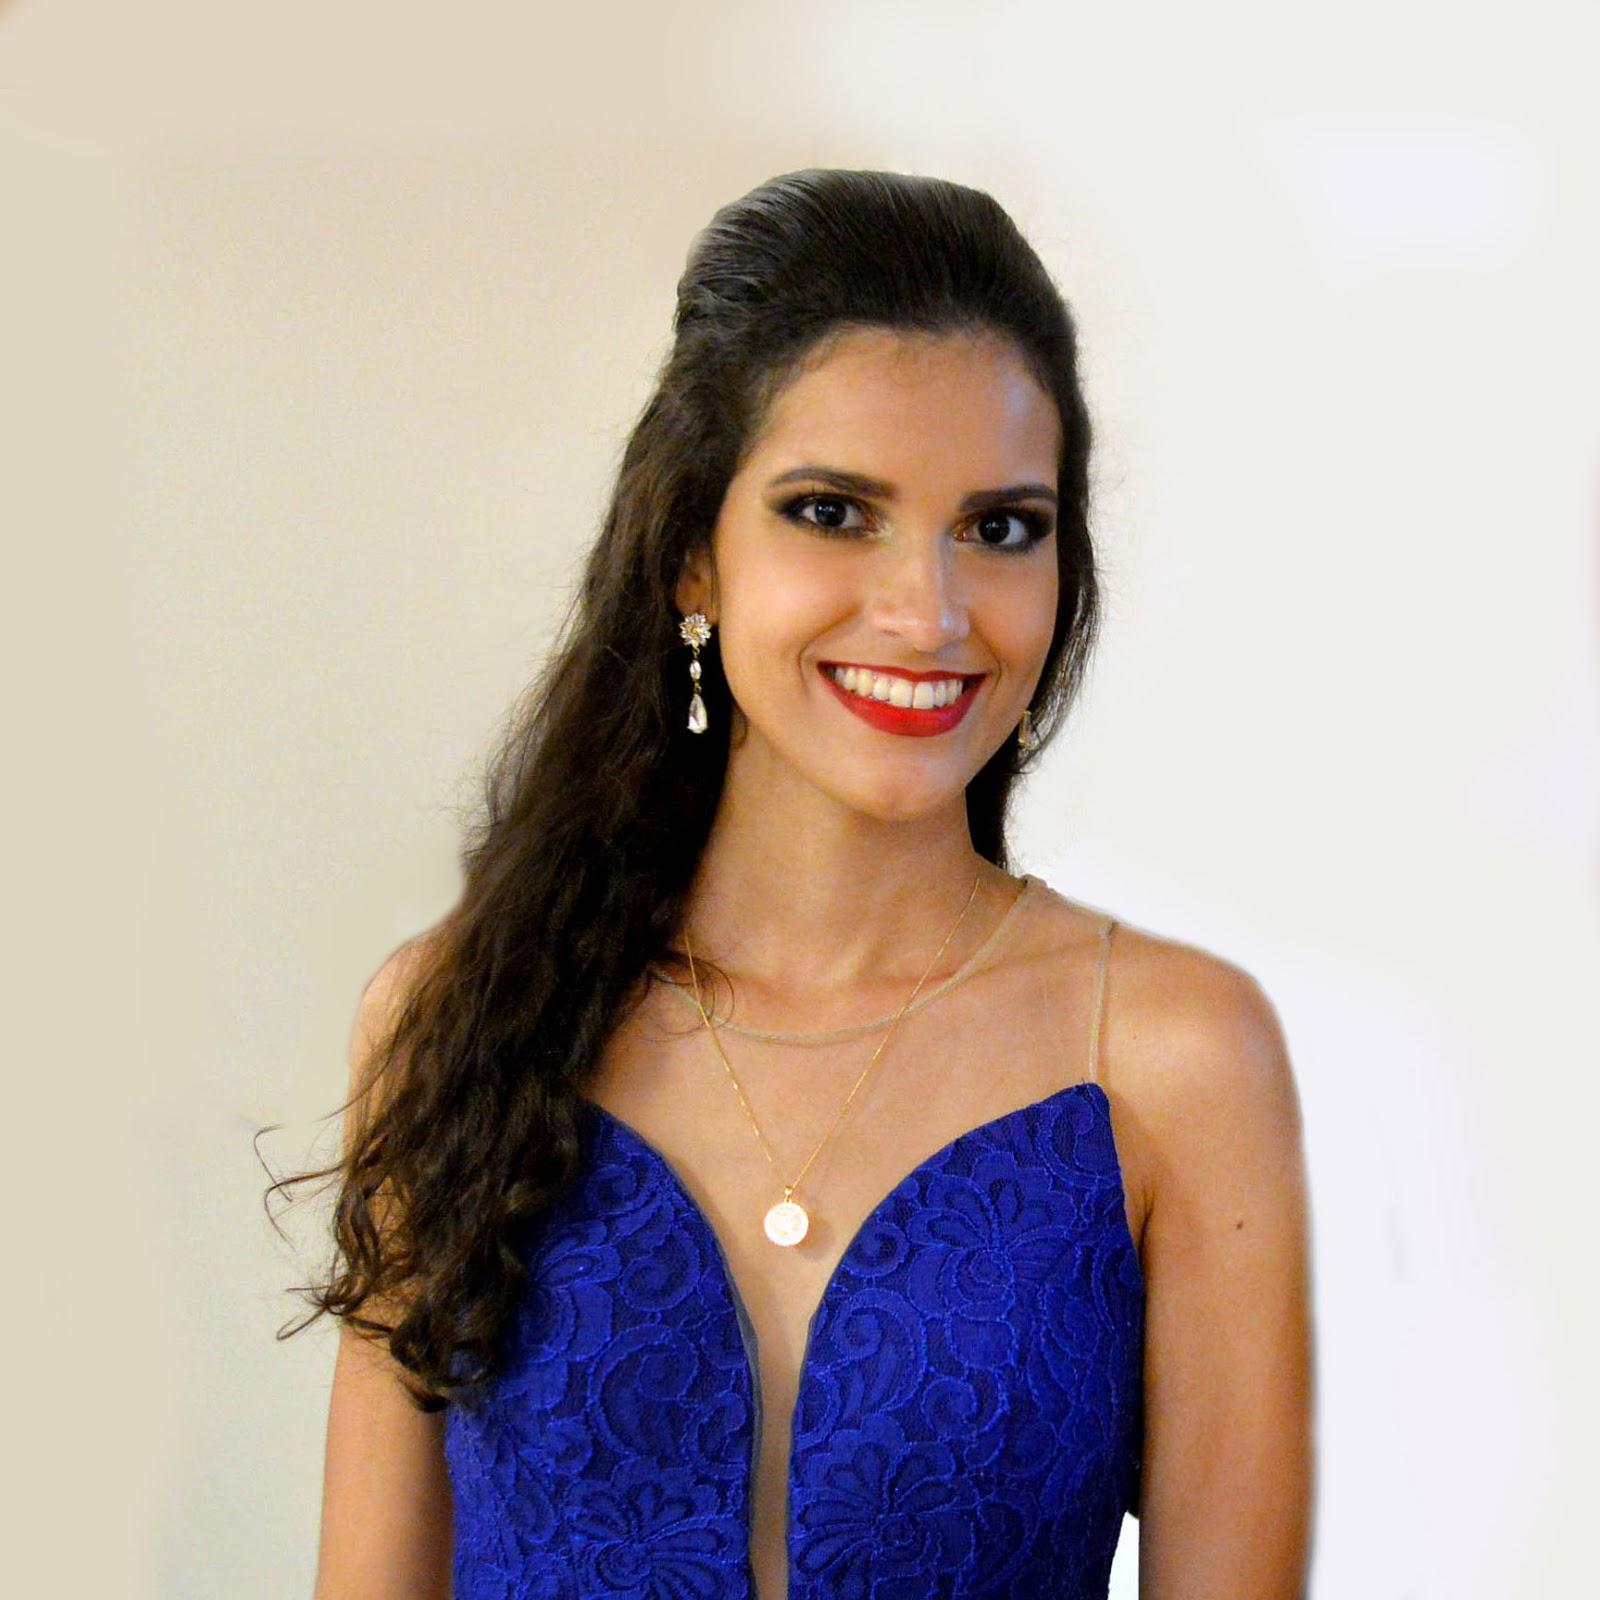 Maquiagem com vestido azul royal